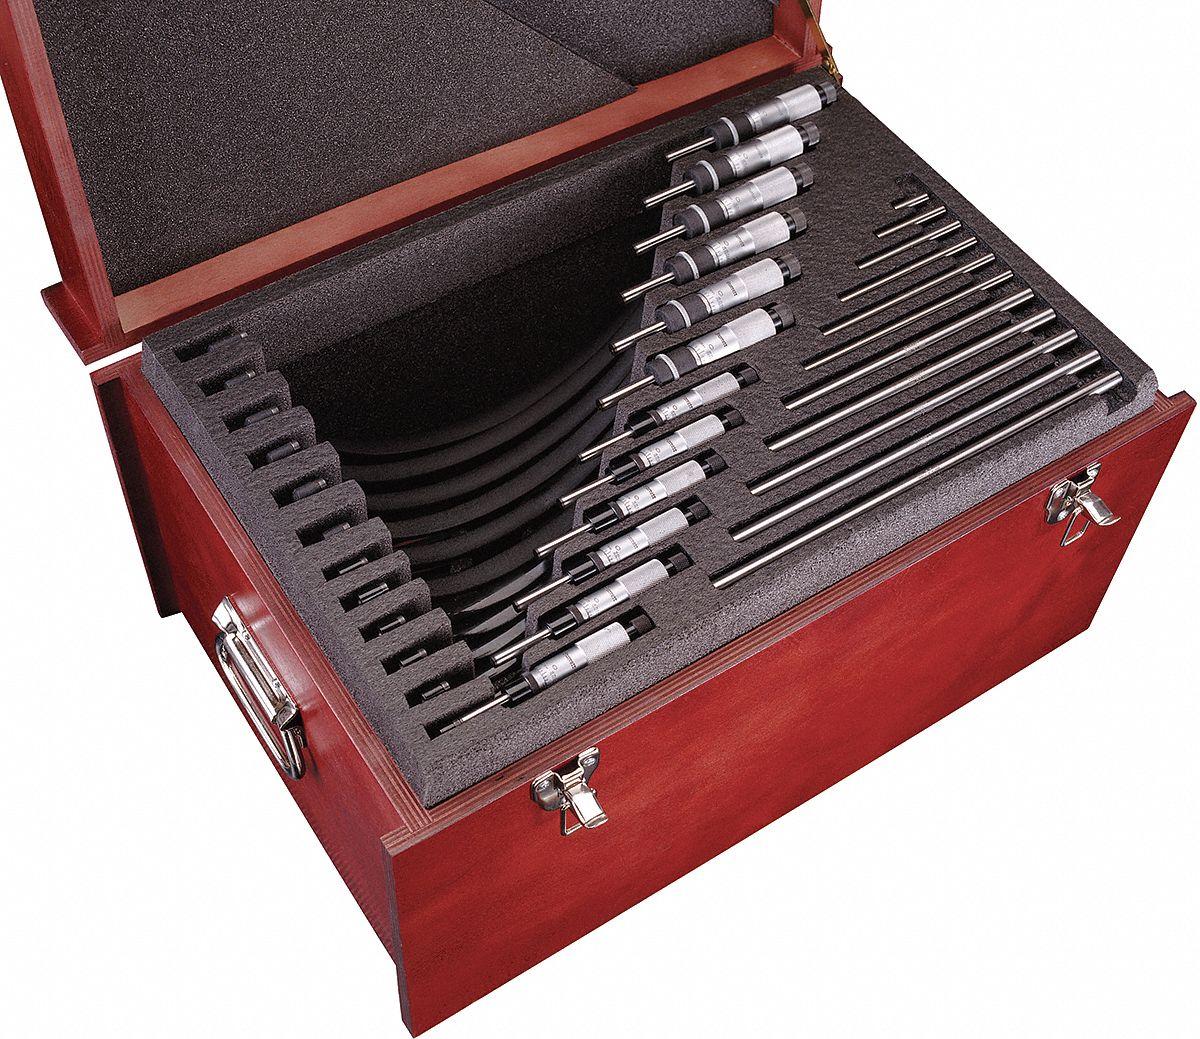 AB Tools-Toolzone Micrometer 0-25mm External Engineers Micro Analogue Measure Gauge TE244